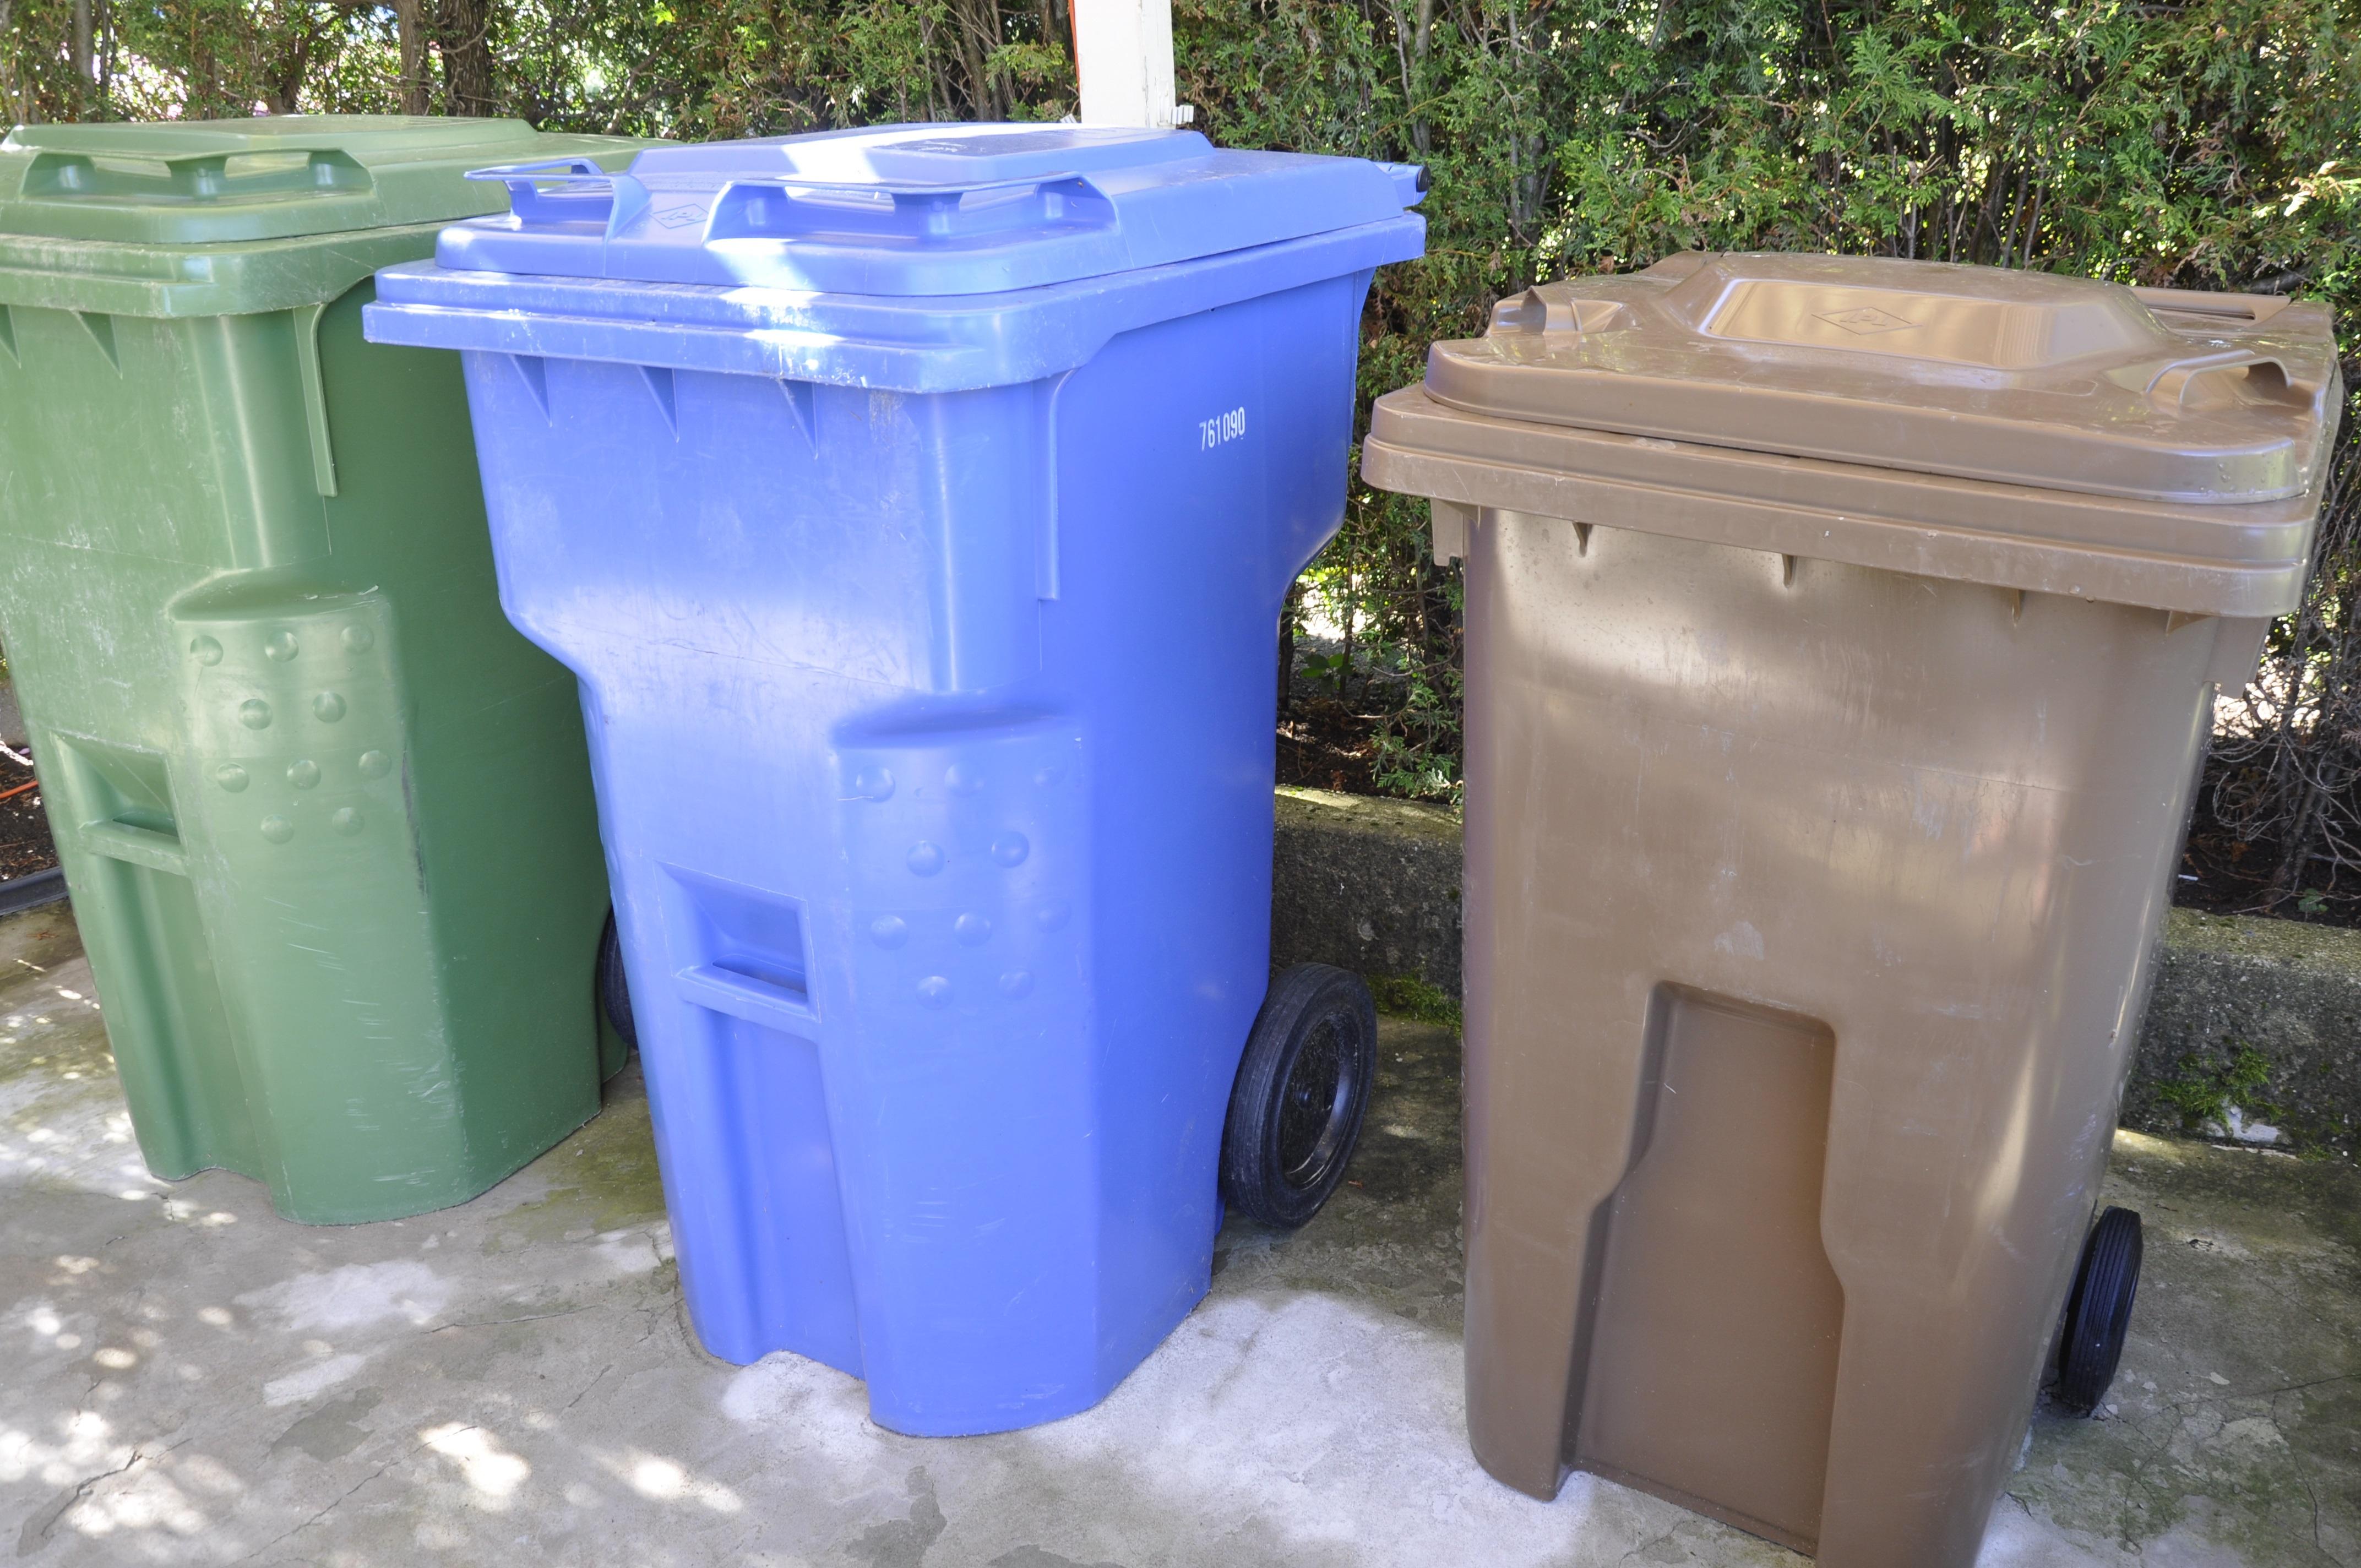 Bacs de déchets, de recyclage et de compostage. Collecte de matières résiduelles.